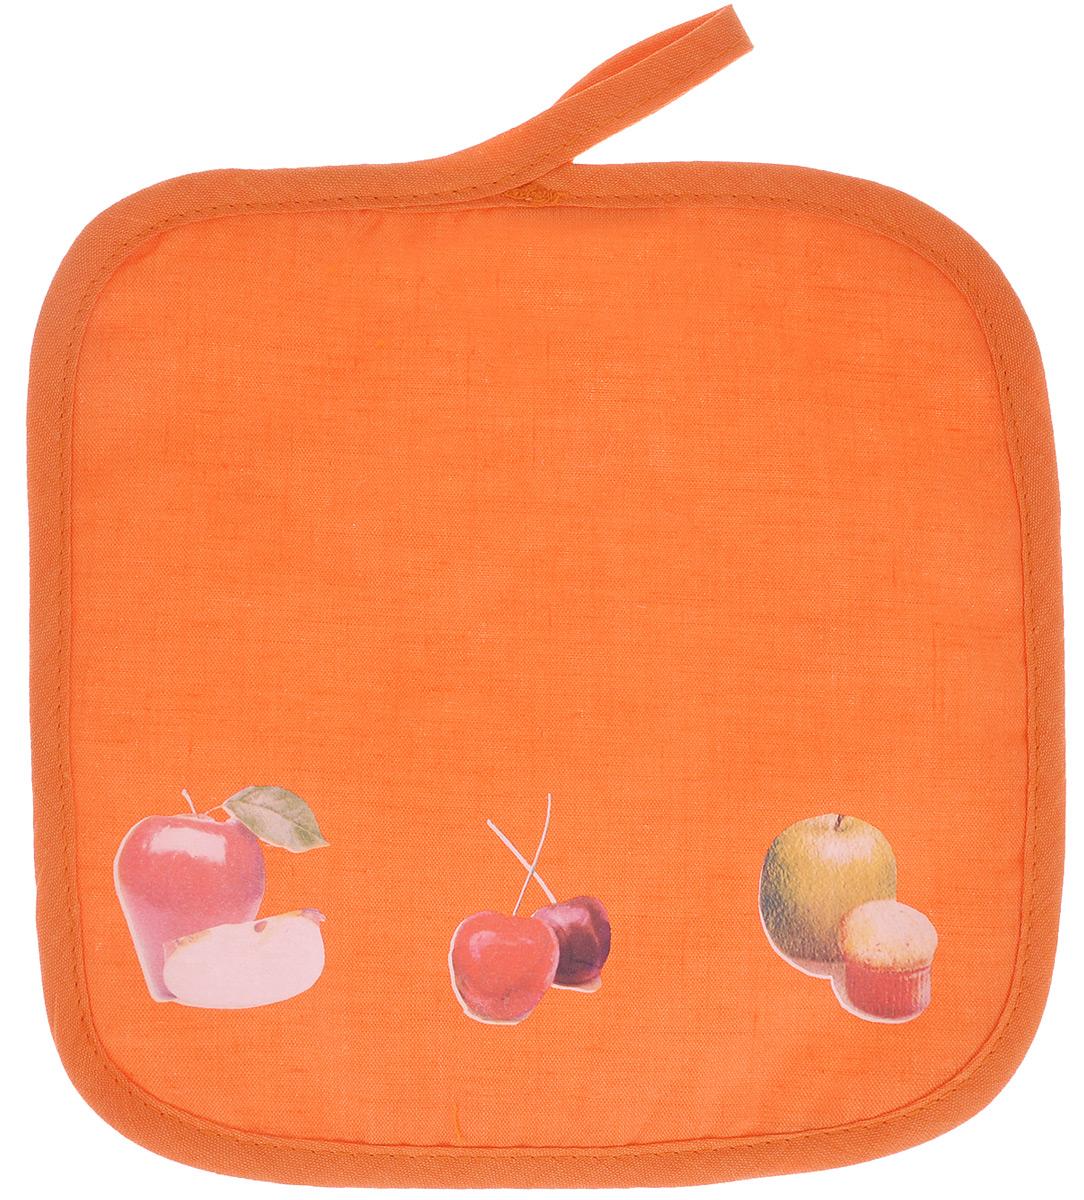 Прихватка Едим дома, цвет: оранжевый, 20 см х 20 см2014-144Прихватка Едим дома, выполненная из хлопка и полиэстера, станет украшением любой кухни. Изделие защитит ваши руки от ожогов и воздействия высоких температур, а интересный дизайн разнообразит интерьер вашей кухни. С помощью специальной петельки, прихватку можно вешать на крючок. Отличный вариант для практичной и современной хозяйки.